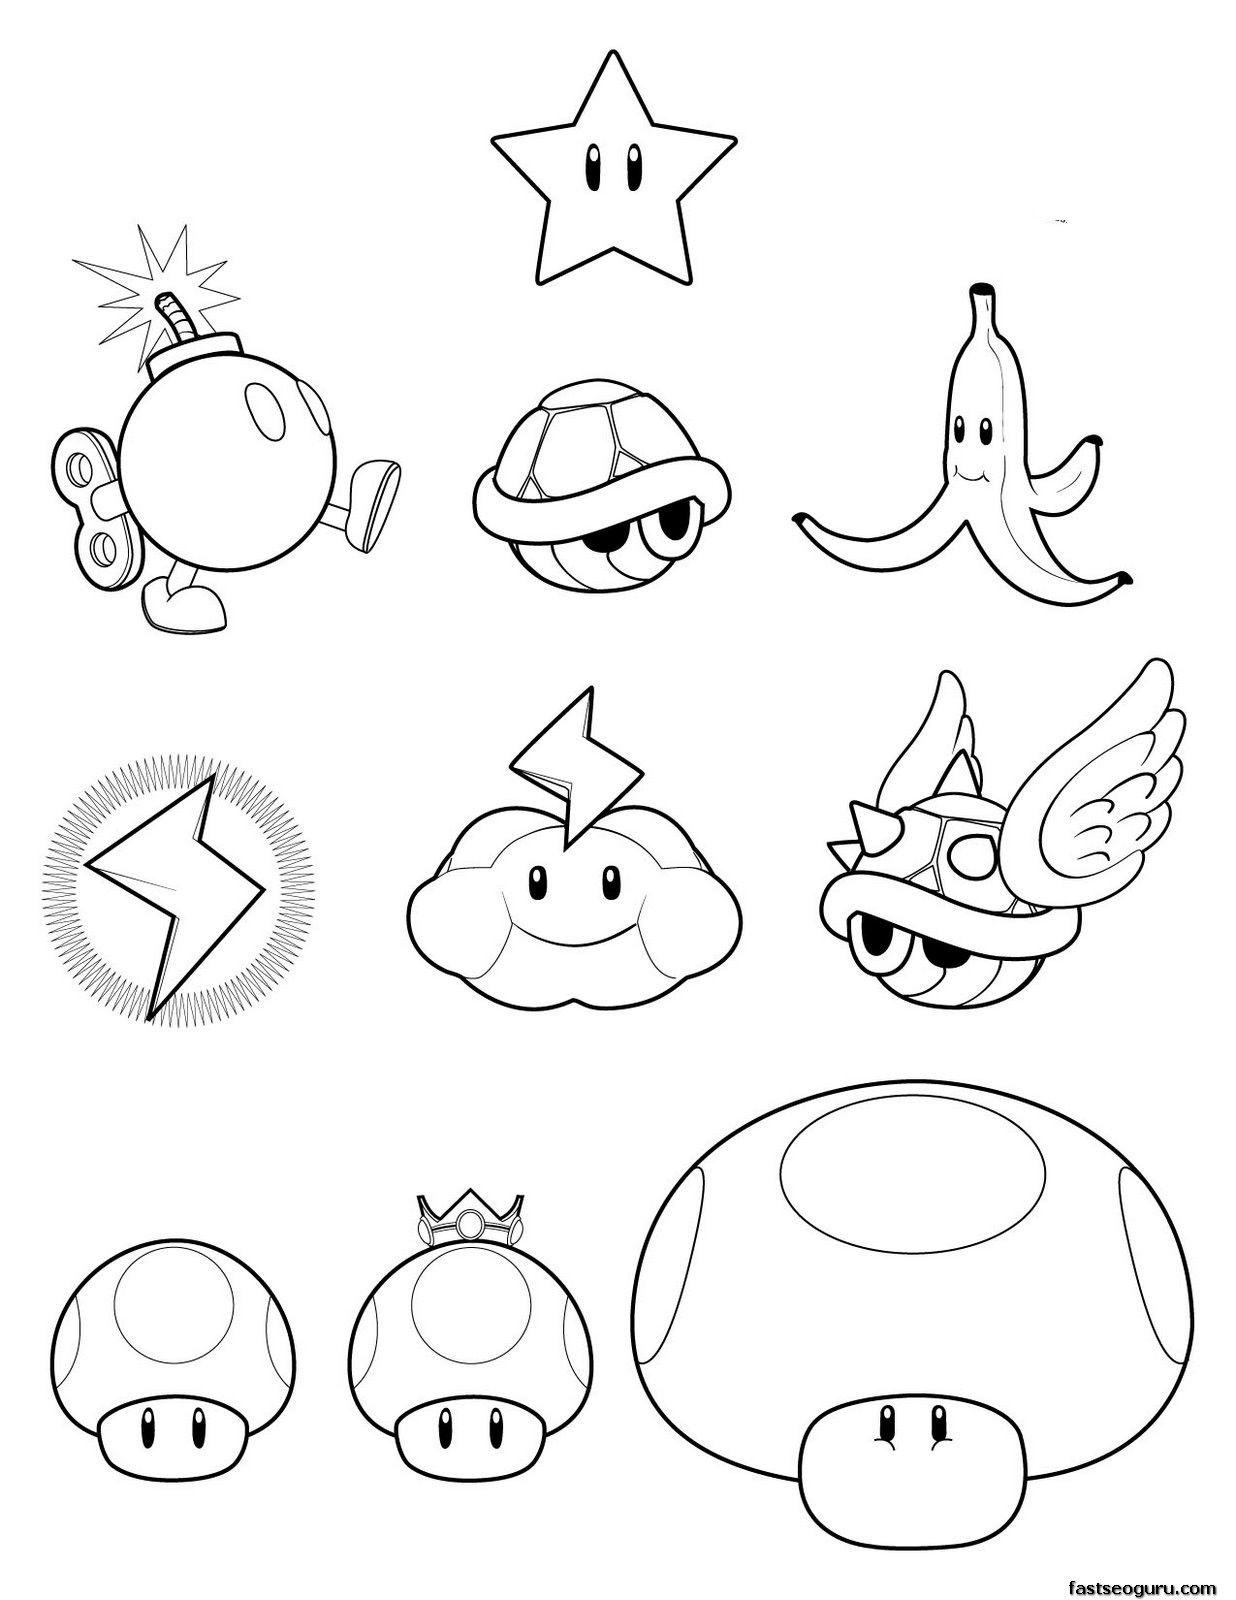 Super mario Koopa Wario Toad coloring pages.jpg (1236×1600 ...